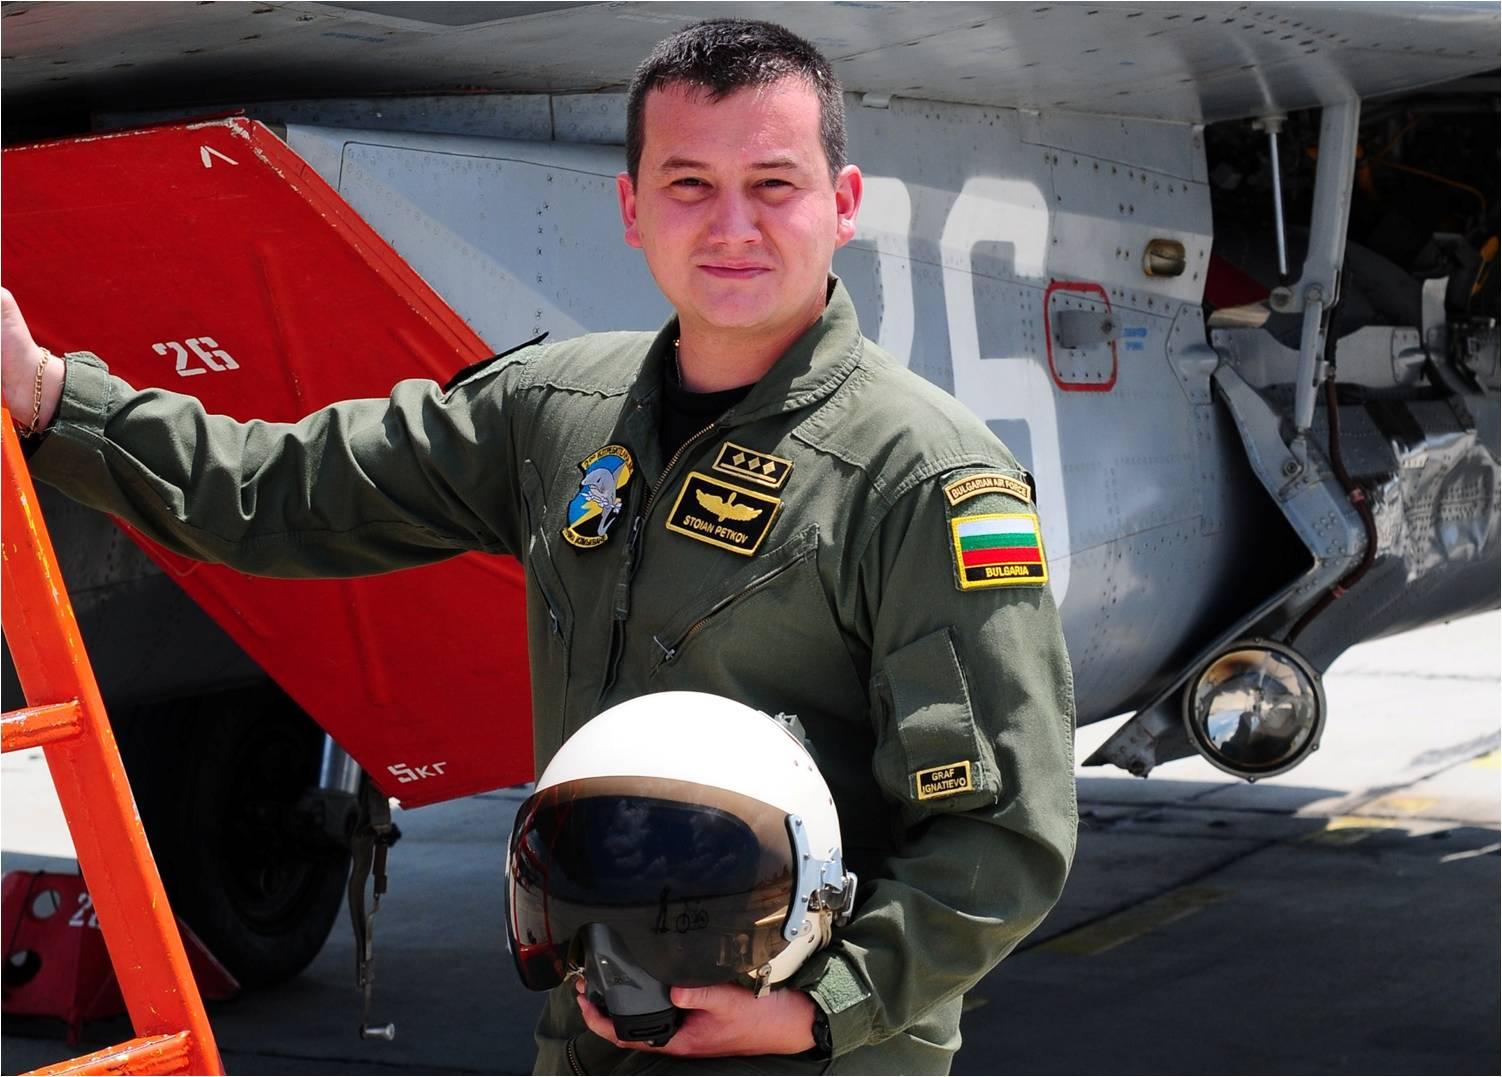 МИГ ЗА ИСТОРИЯТА: ПЪРВИ БЪЛГАРСКИ ЛЕТЕЦ - МАЙОР СТОЯН ПЕТКОВ, СЪС САМОСТОЯТЕЛЕН ПОЛЕТ НА F-16!